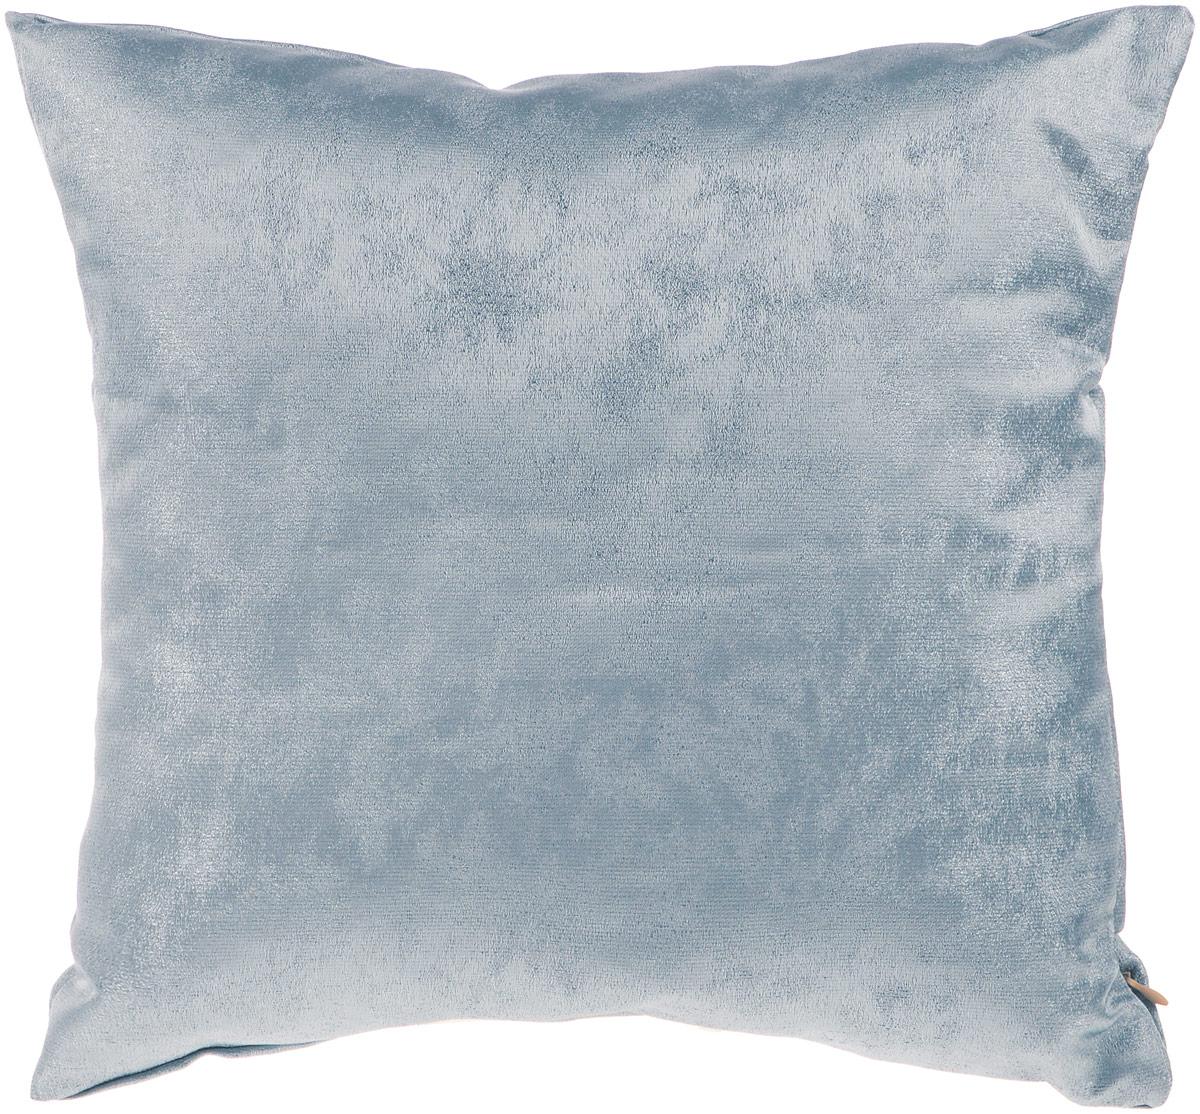 Подушка декоративная KauffOrt Магия, цвет: серо-синий, 40 x 40 смCLP446Декоративная подушка Магия прекрасно дополнит интерьер спальни или гостиной. Приятный на ощупь чехол подушки выполнен из полиэстера. Внутри находится мягкий наполнитель. Чехол легко снимается благодаря потайной молнии в тон ткани.Красивая подушка создаст атмосферу уюта и комфорта в спальне и станет прекрасным элементом декора.